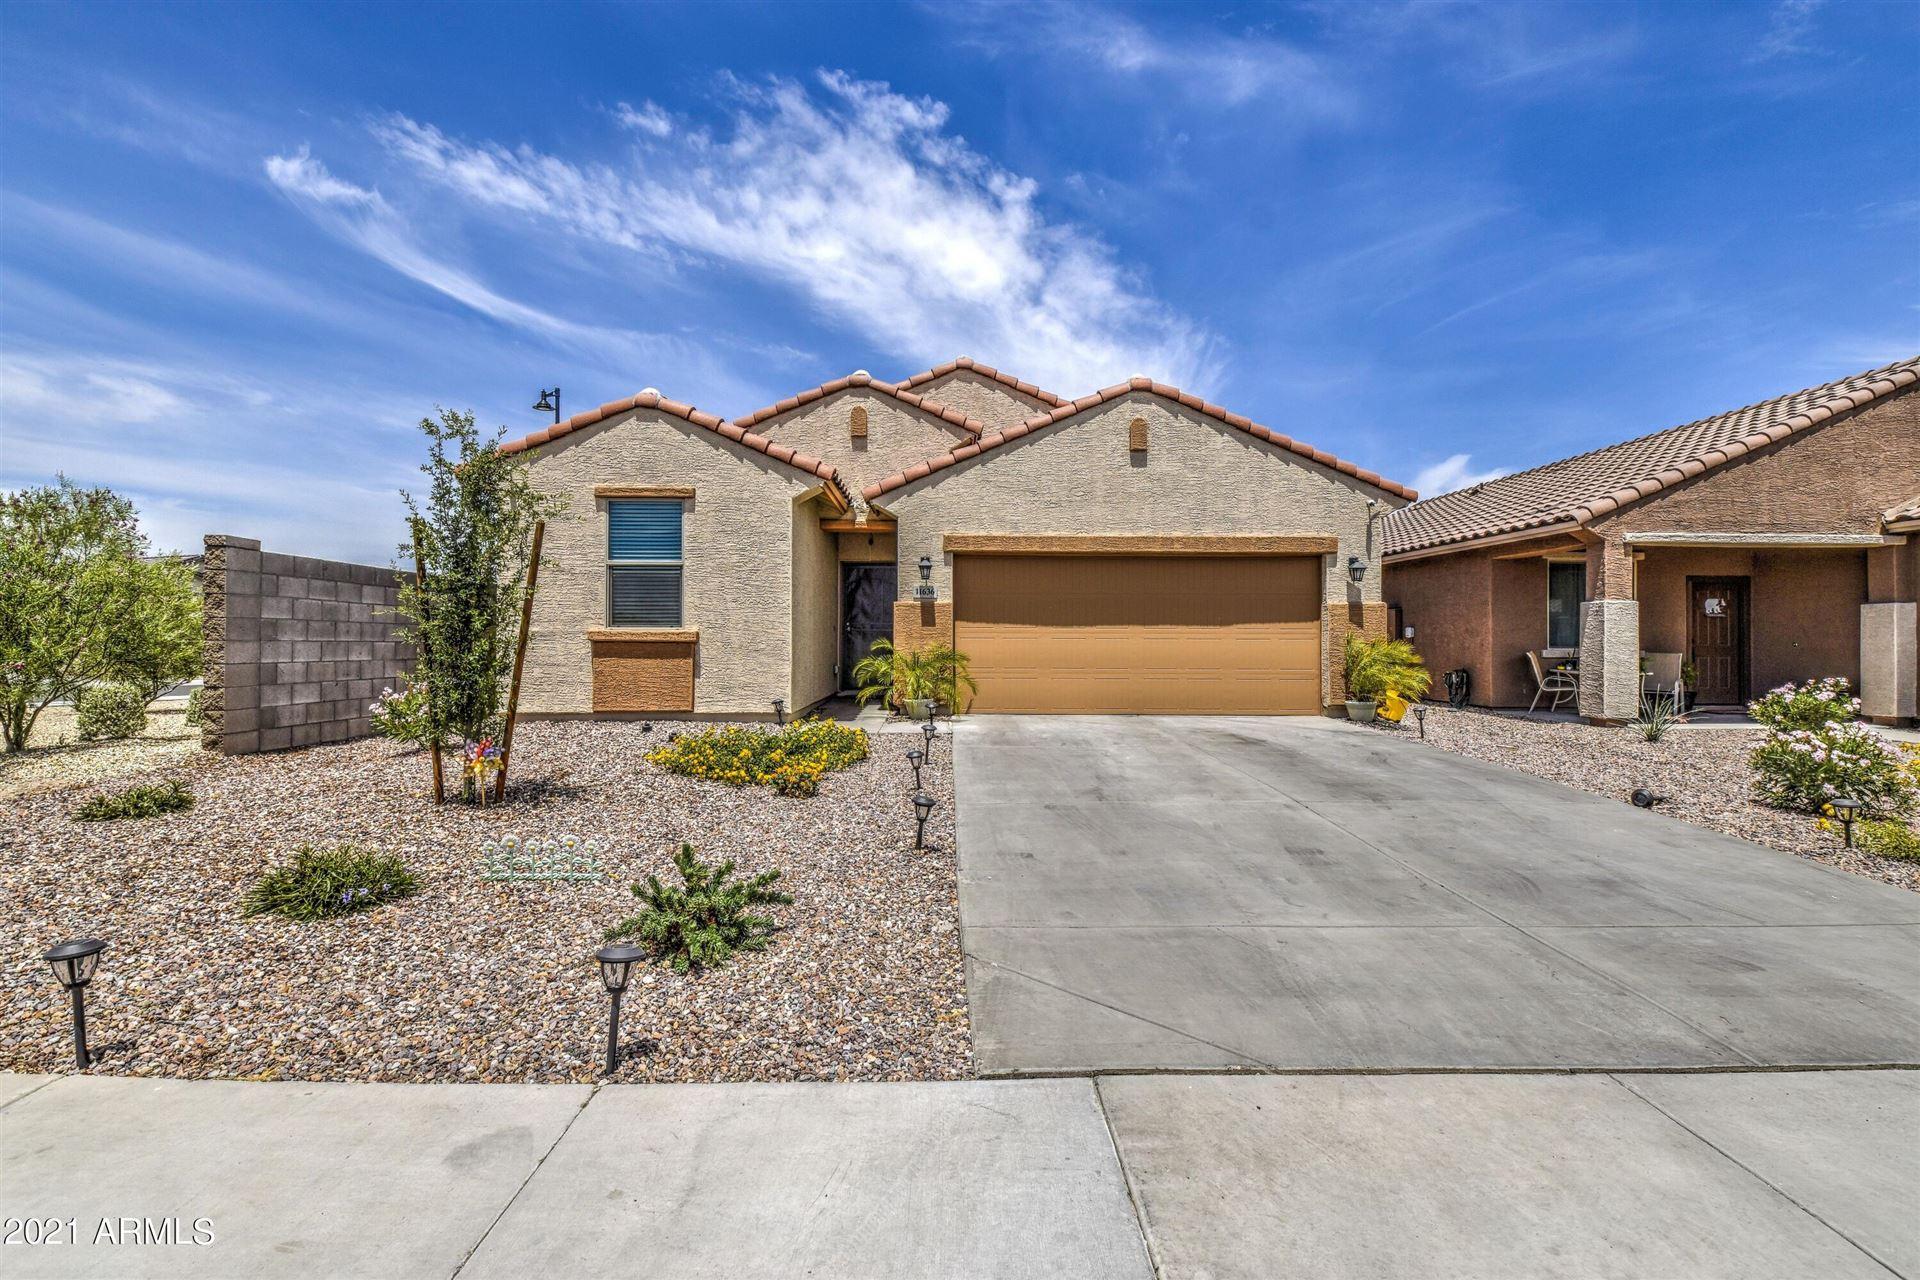 Photo of 11636 W CALAVAR Road, El Mirage, AZ 85335 (MLS # 6245550)